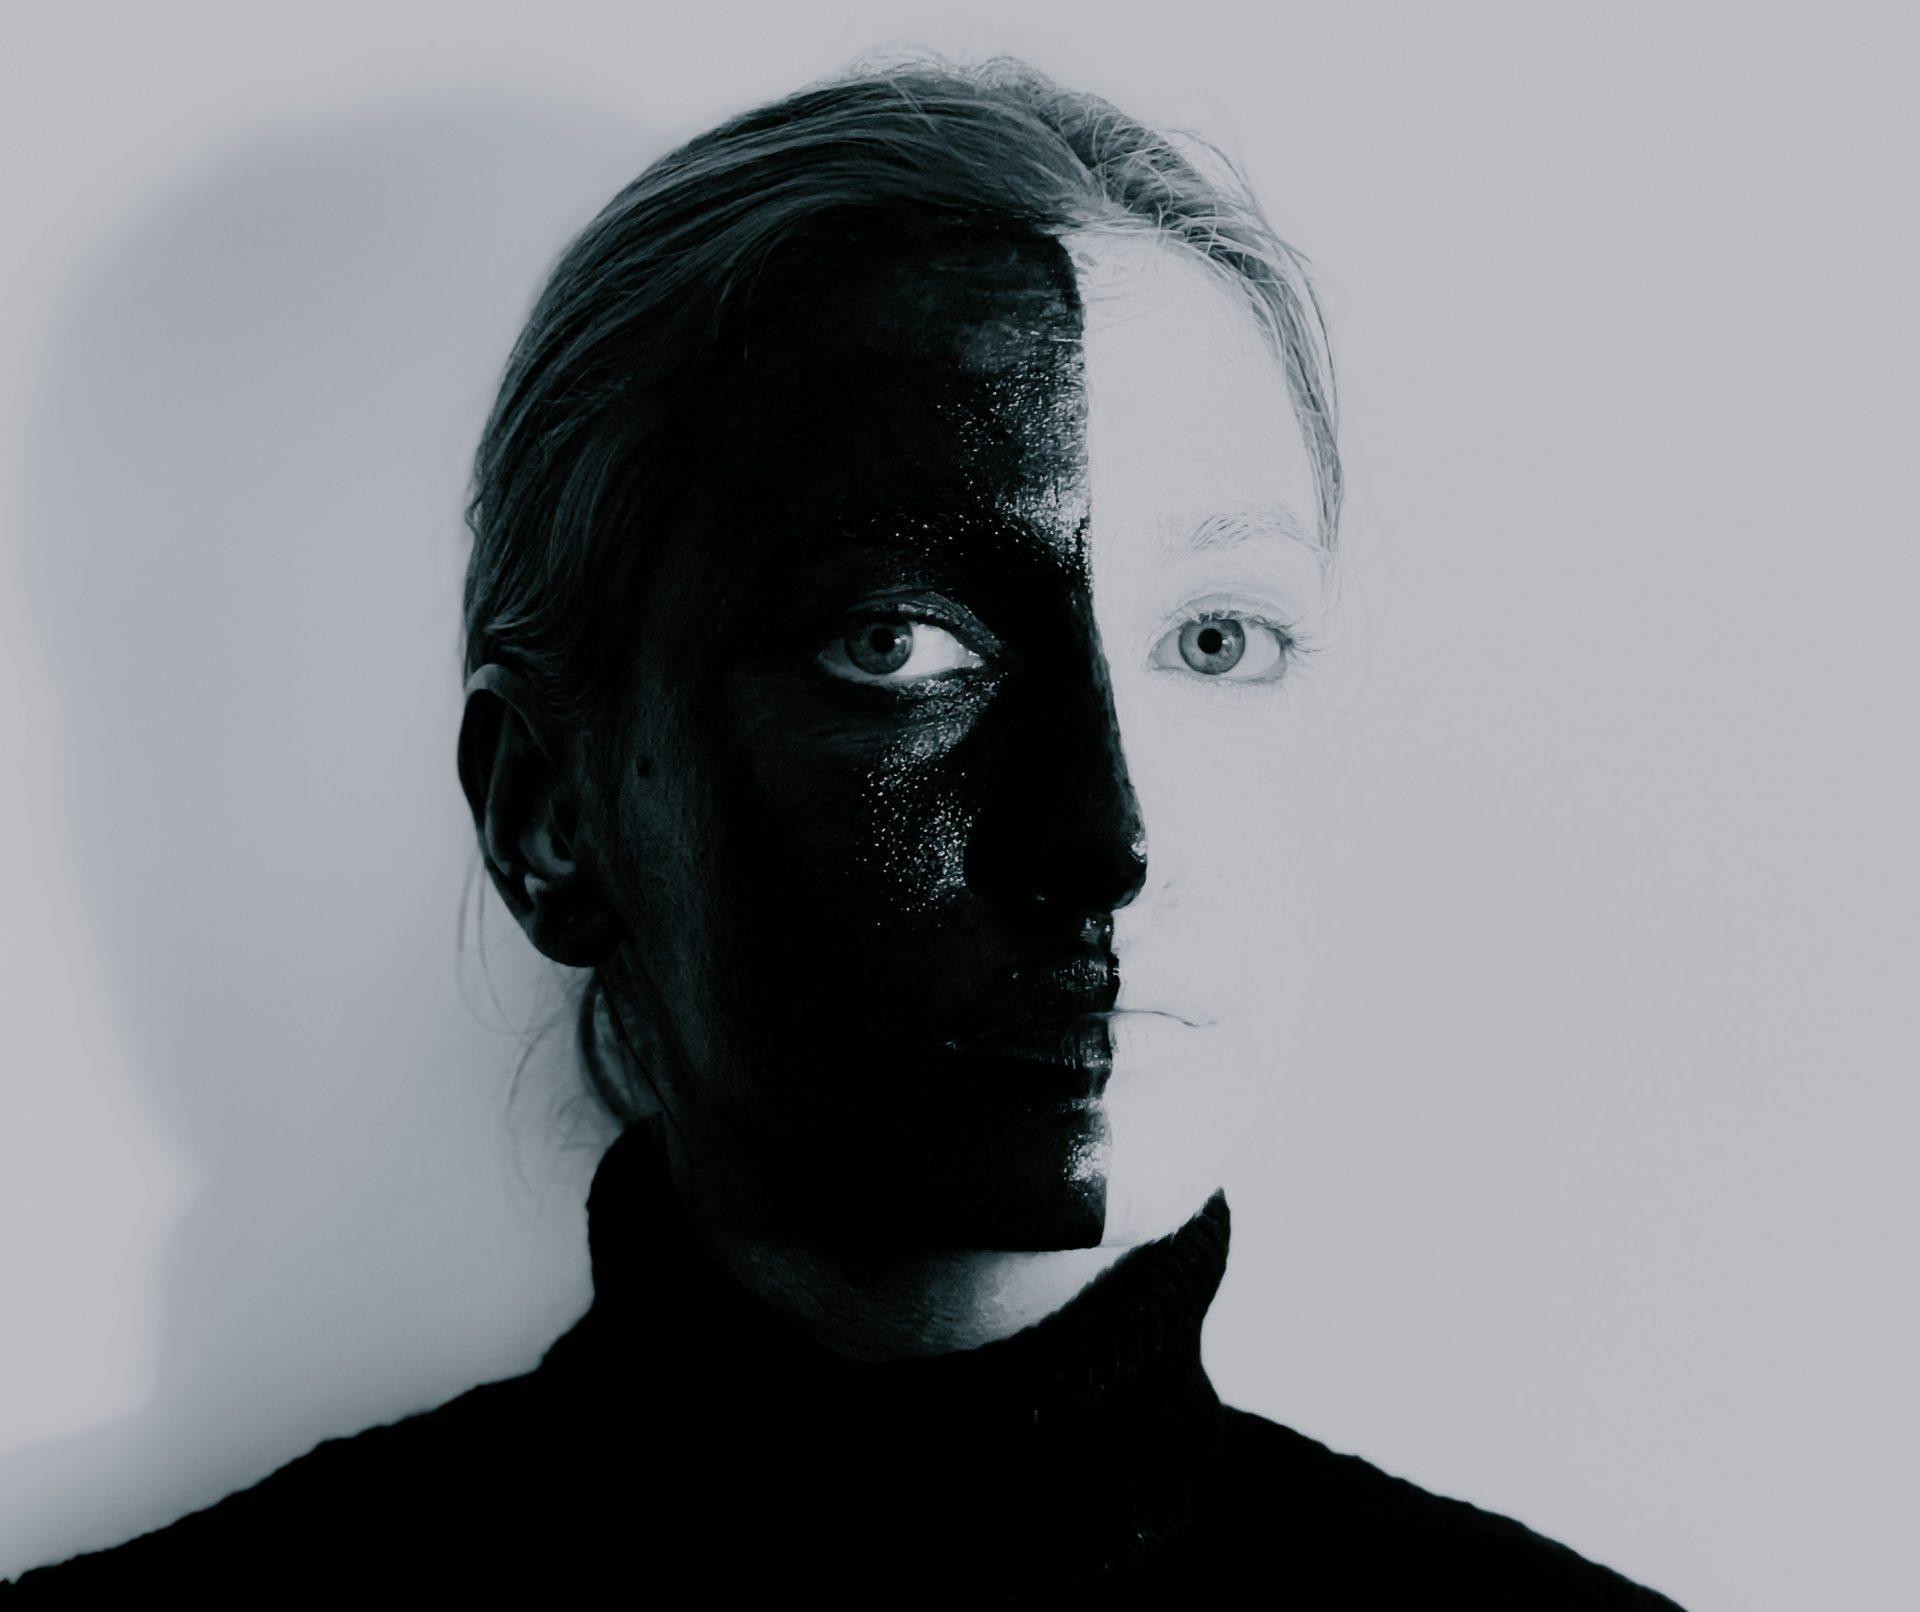 pessoa representando alguém com ciclotimia